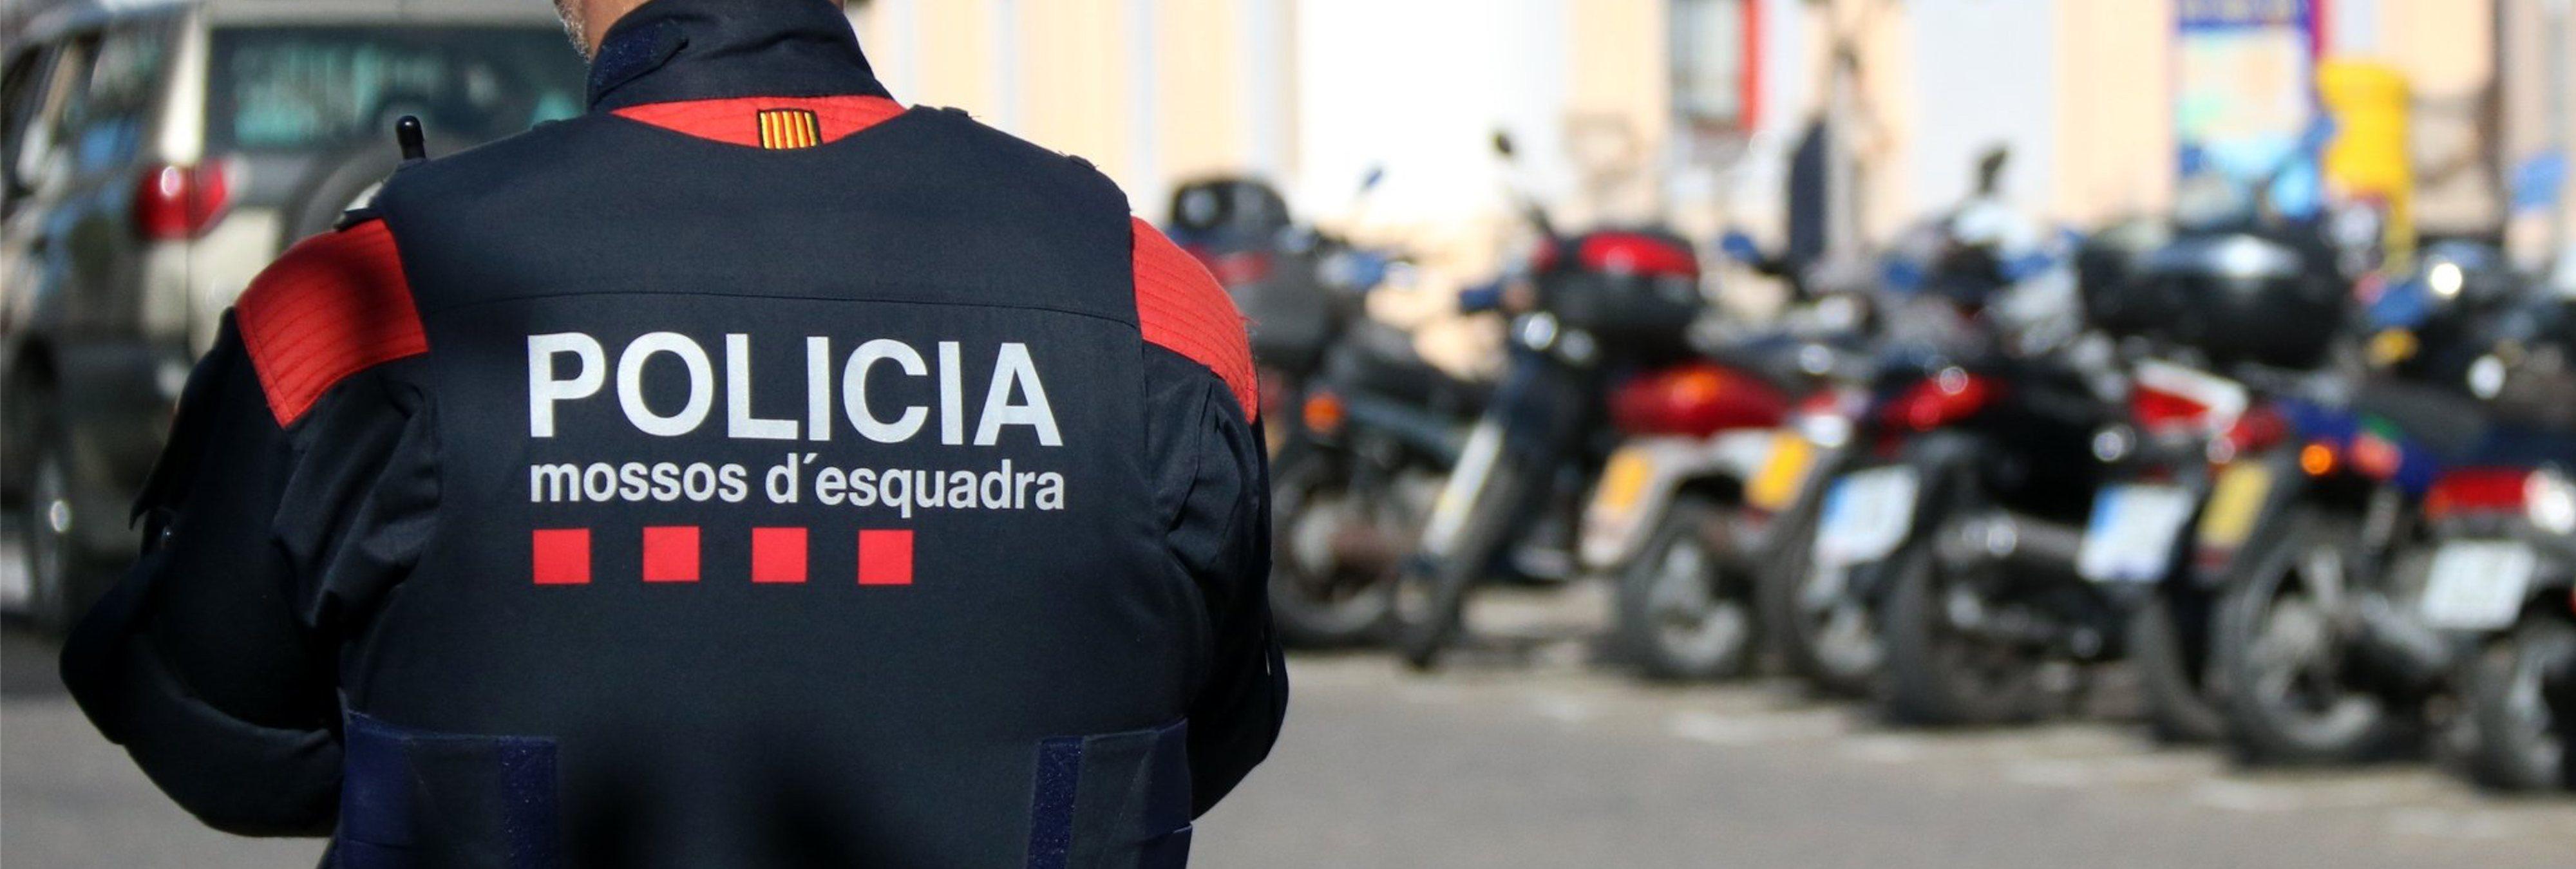 Alerta yihadista: detenido el radical islamista que ha puesto en alerta a Barcelona